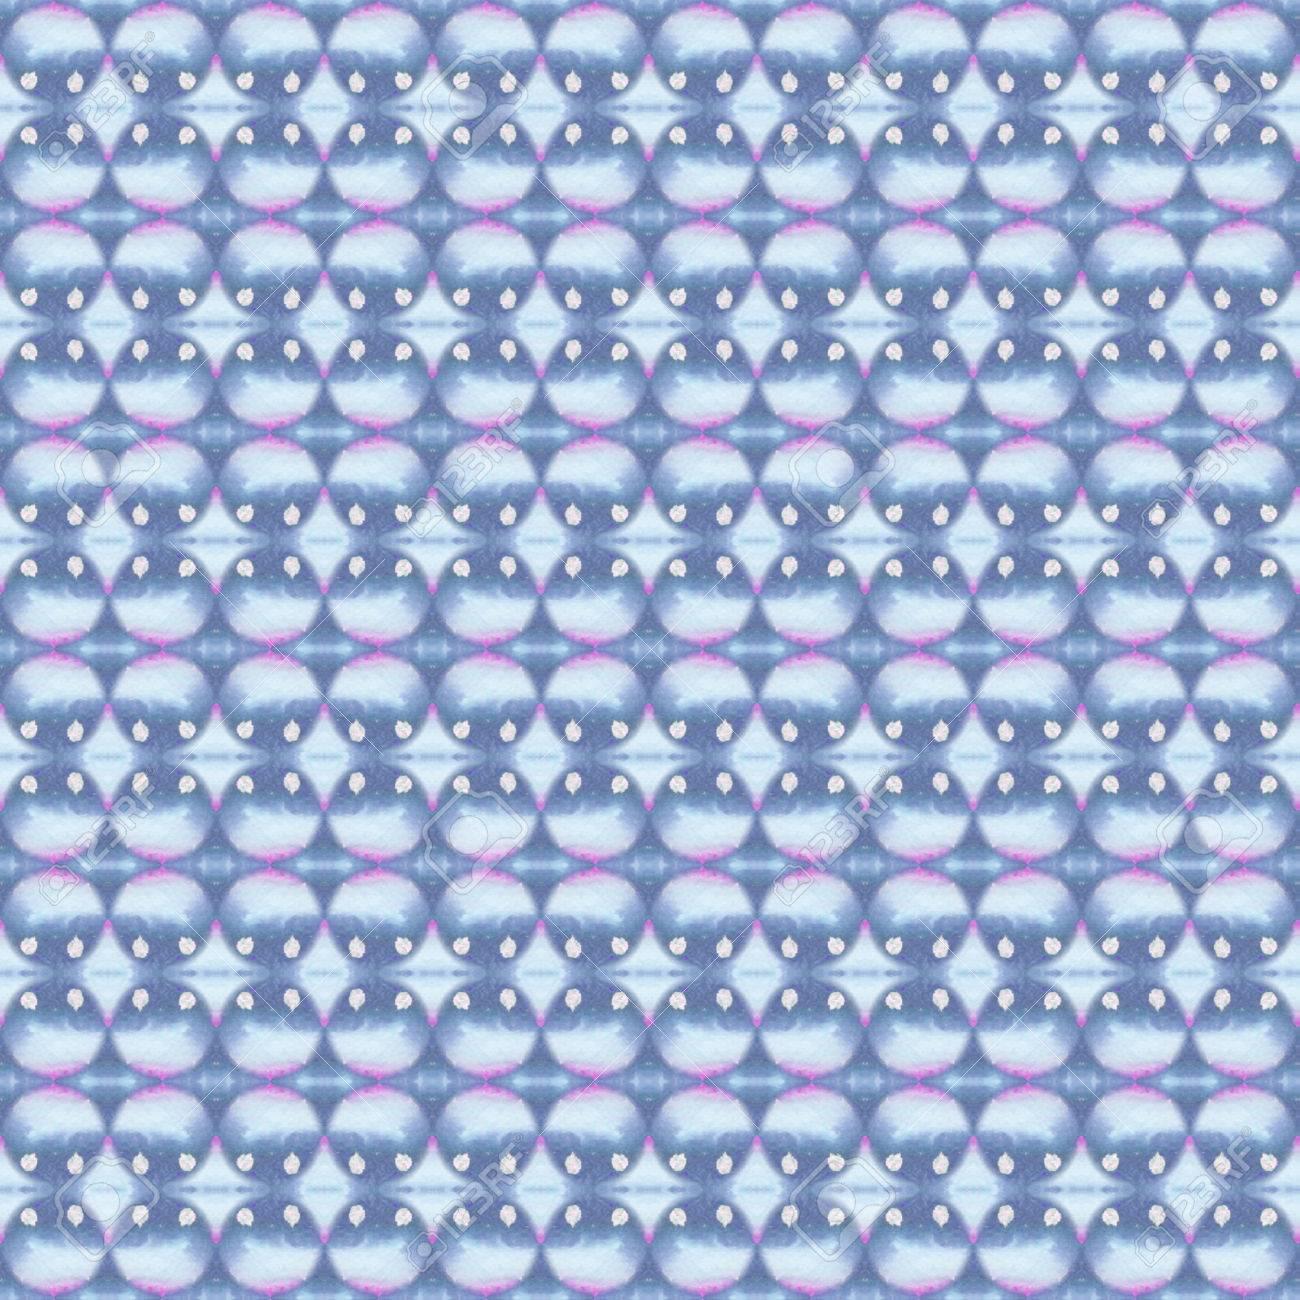 Schone Nahtlose Bunte Abstrakte Muster Handzeichnung Aquarell Geometrische Figuren Kunst Nahtlose Muster Hintergrund Textildesign Kann Fur Tapeten Papier Textil Oder Abdeckung Verpackung Lizenzfreie Fotos Bilder Und Stock Fotografie Image